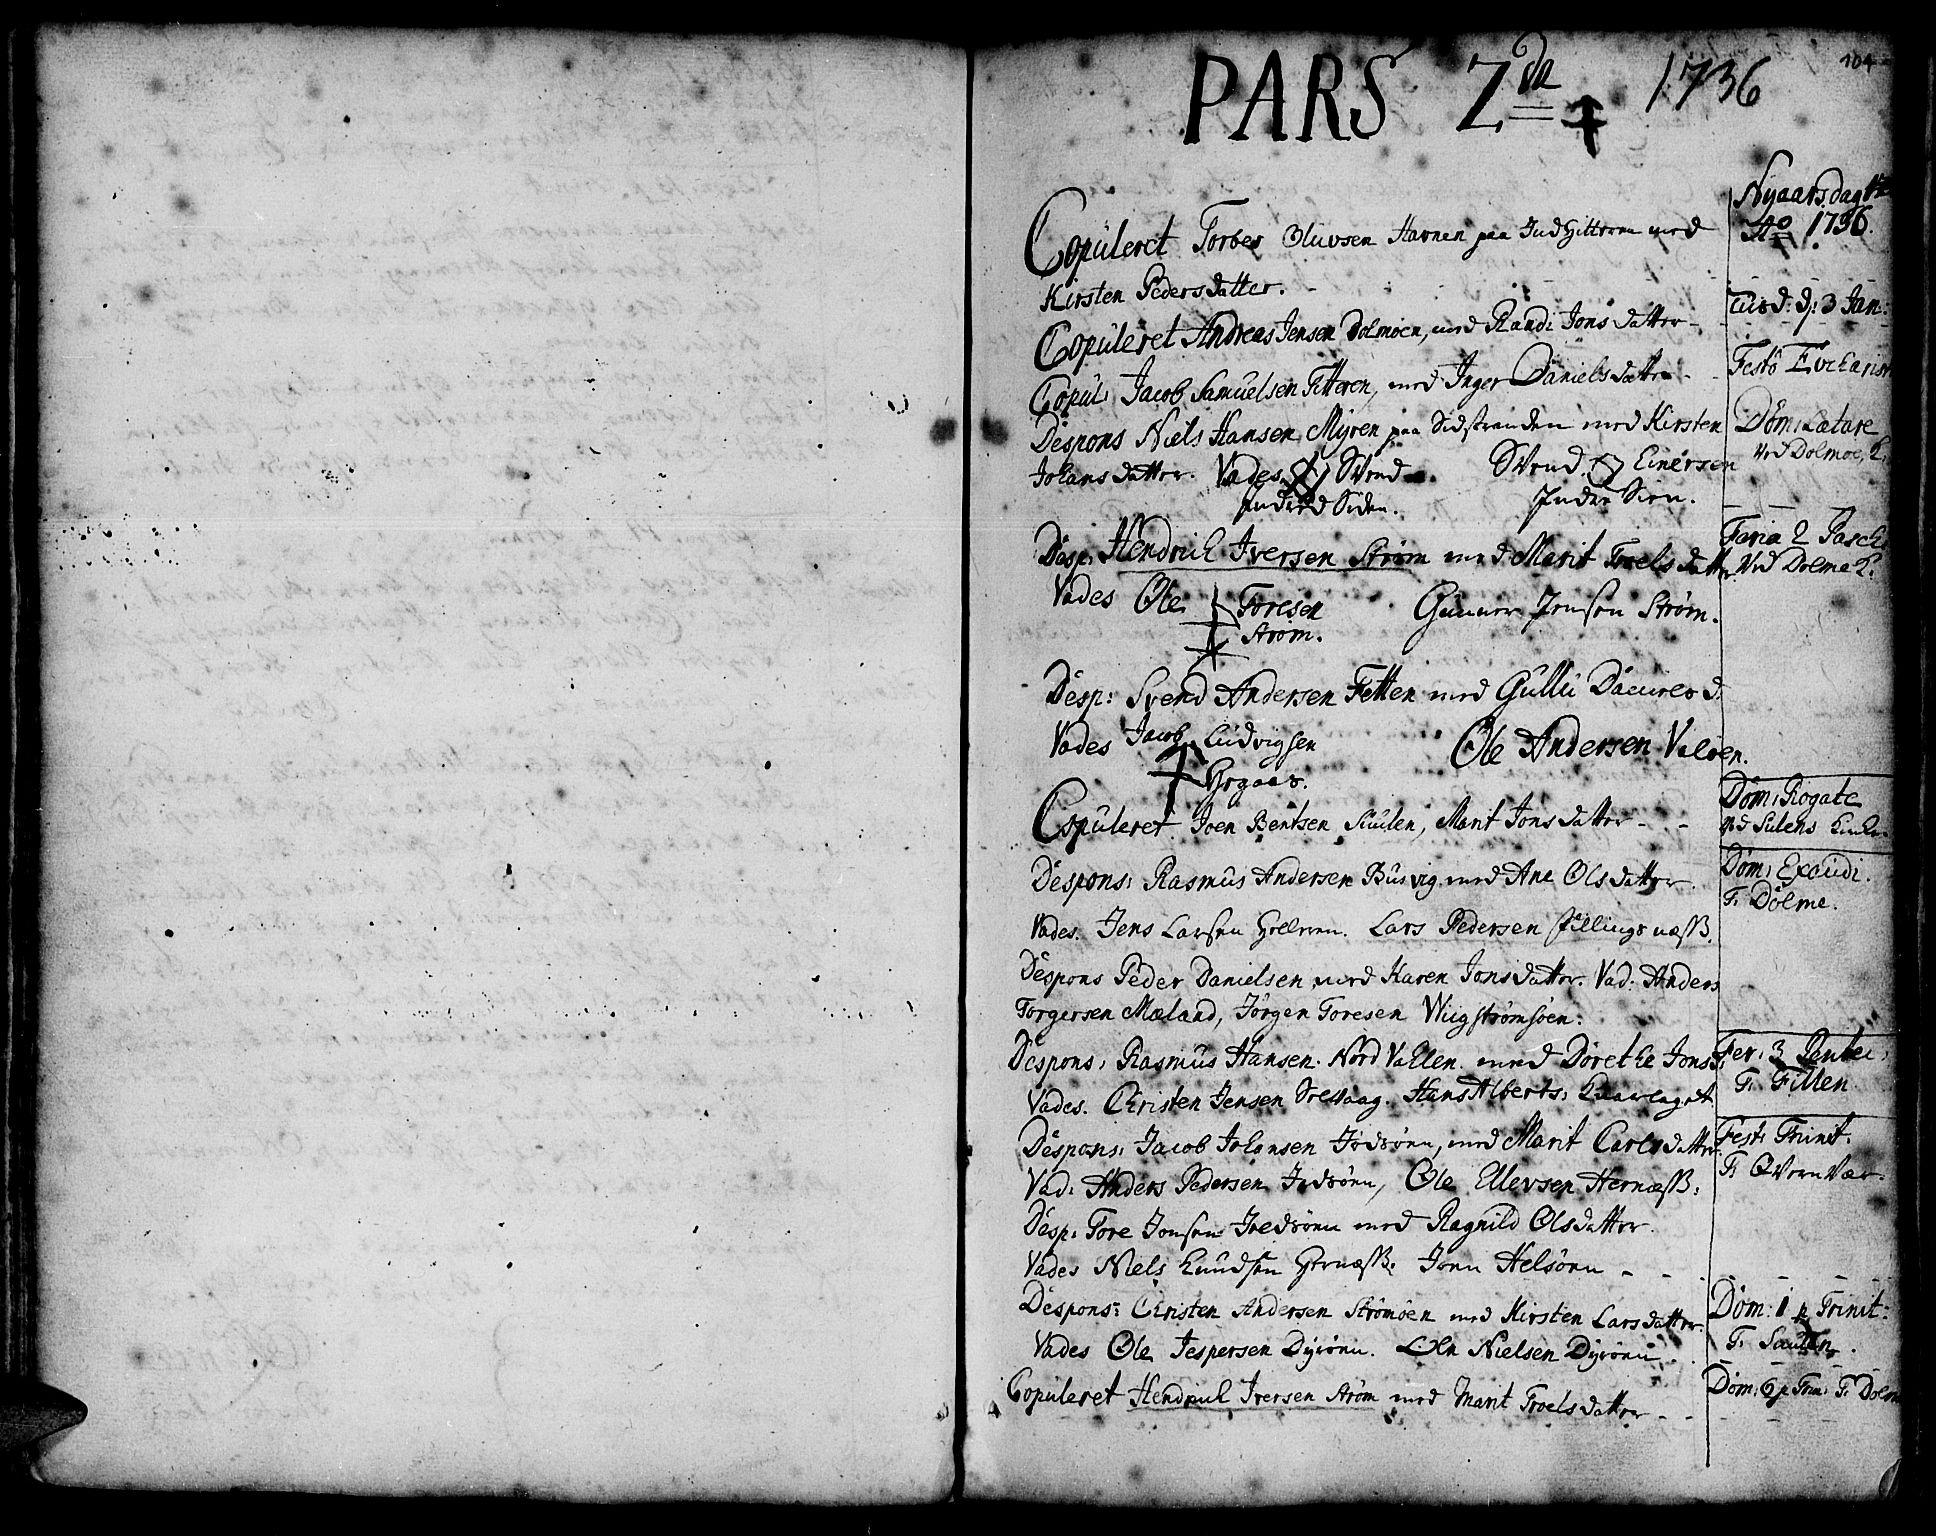 SAT, Ministerialprotokoller, klokkerbøker og fødselsregistre - Sør-Trøndelag, 634/L0525: Ministerialbok nr. 634A01, 1736-1775, s. 104